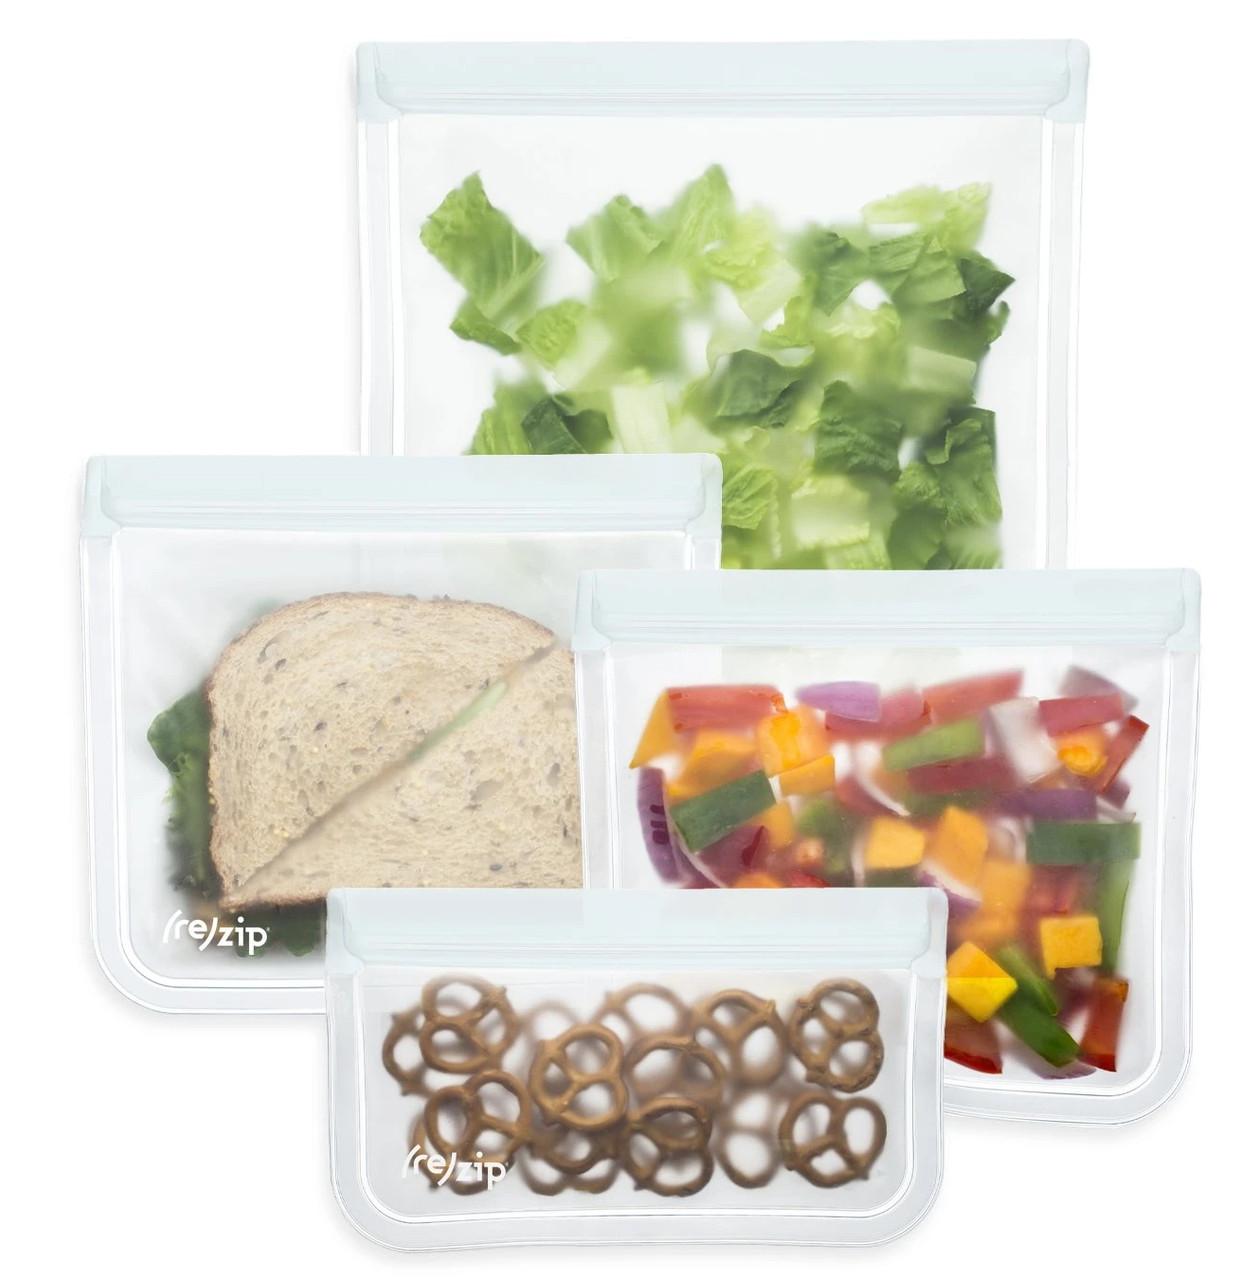 (re)zip Leak-Proof Food Storage Kit (4-pack)